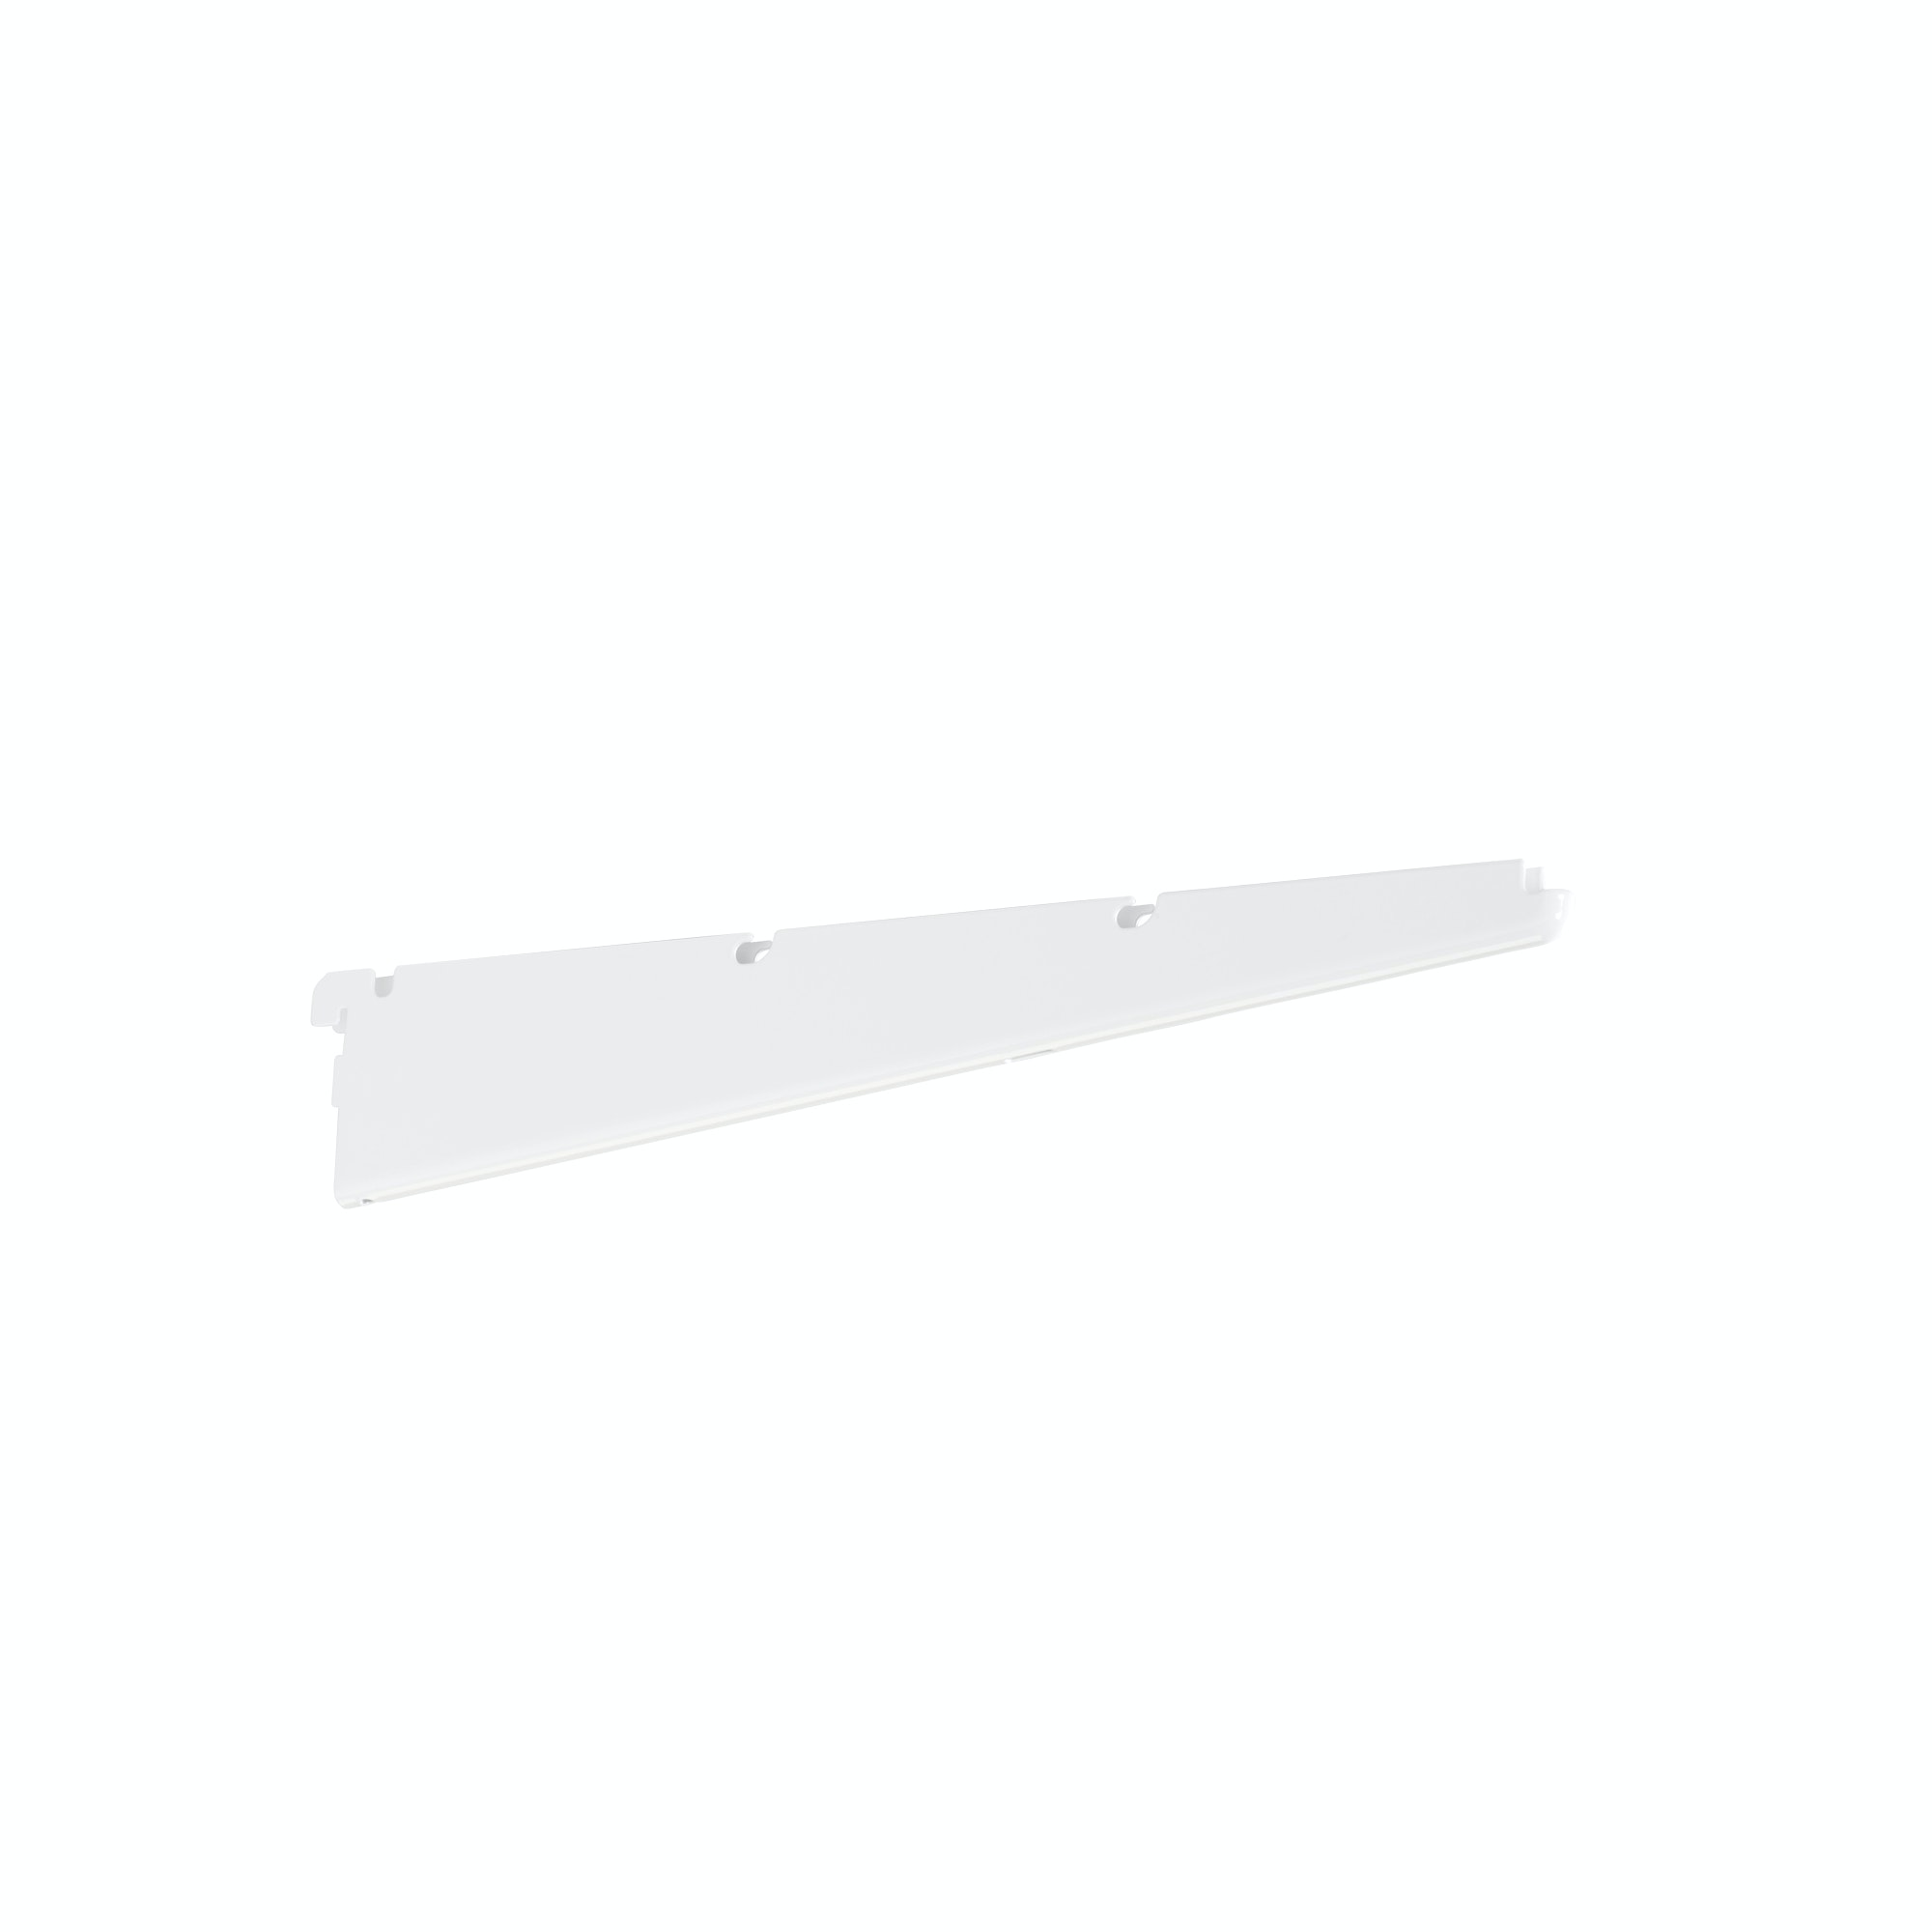 Konsol Elfa för hylla 420mm vit